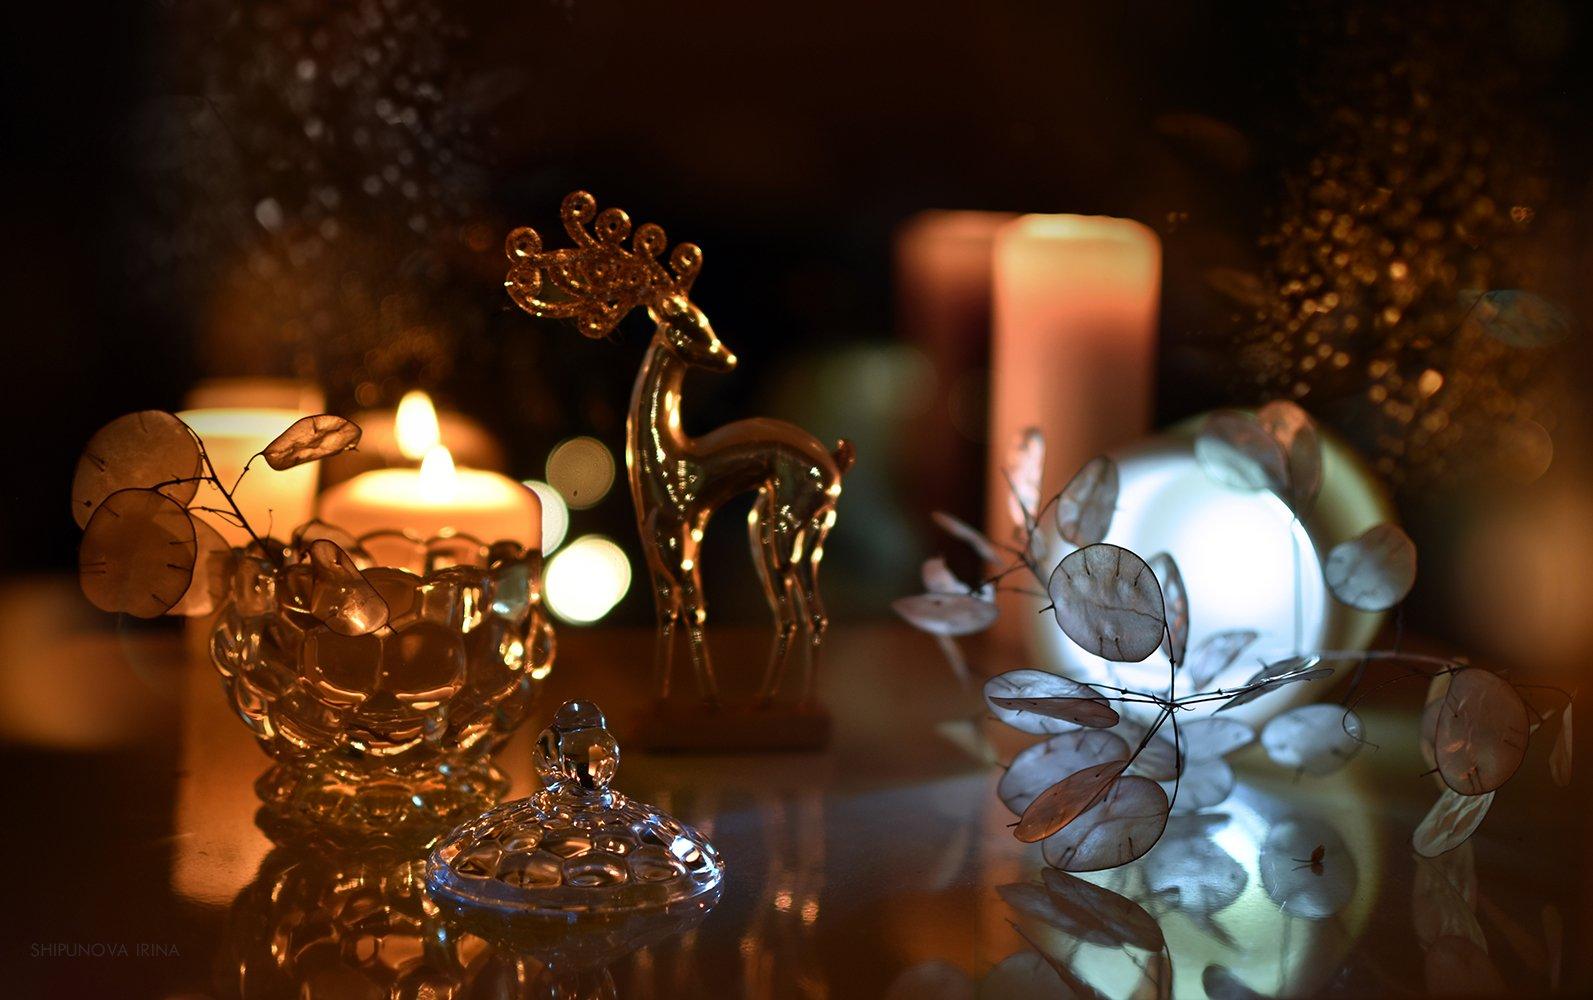 В царстве ёлочных игрушек Новый год наш проводить!